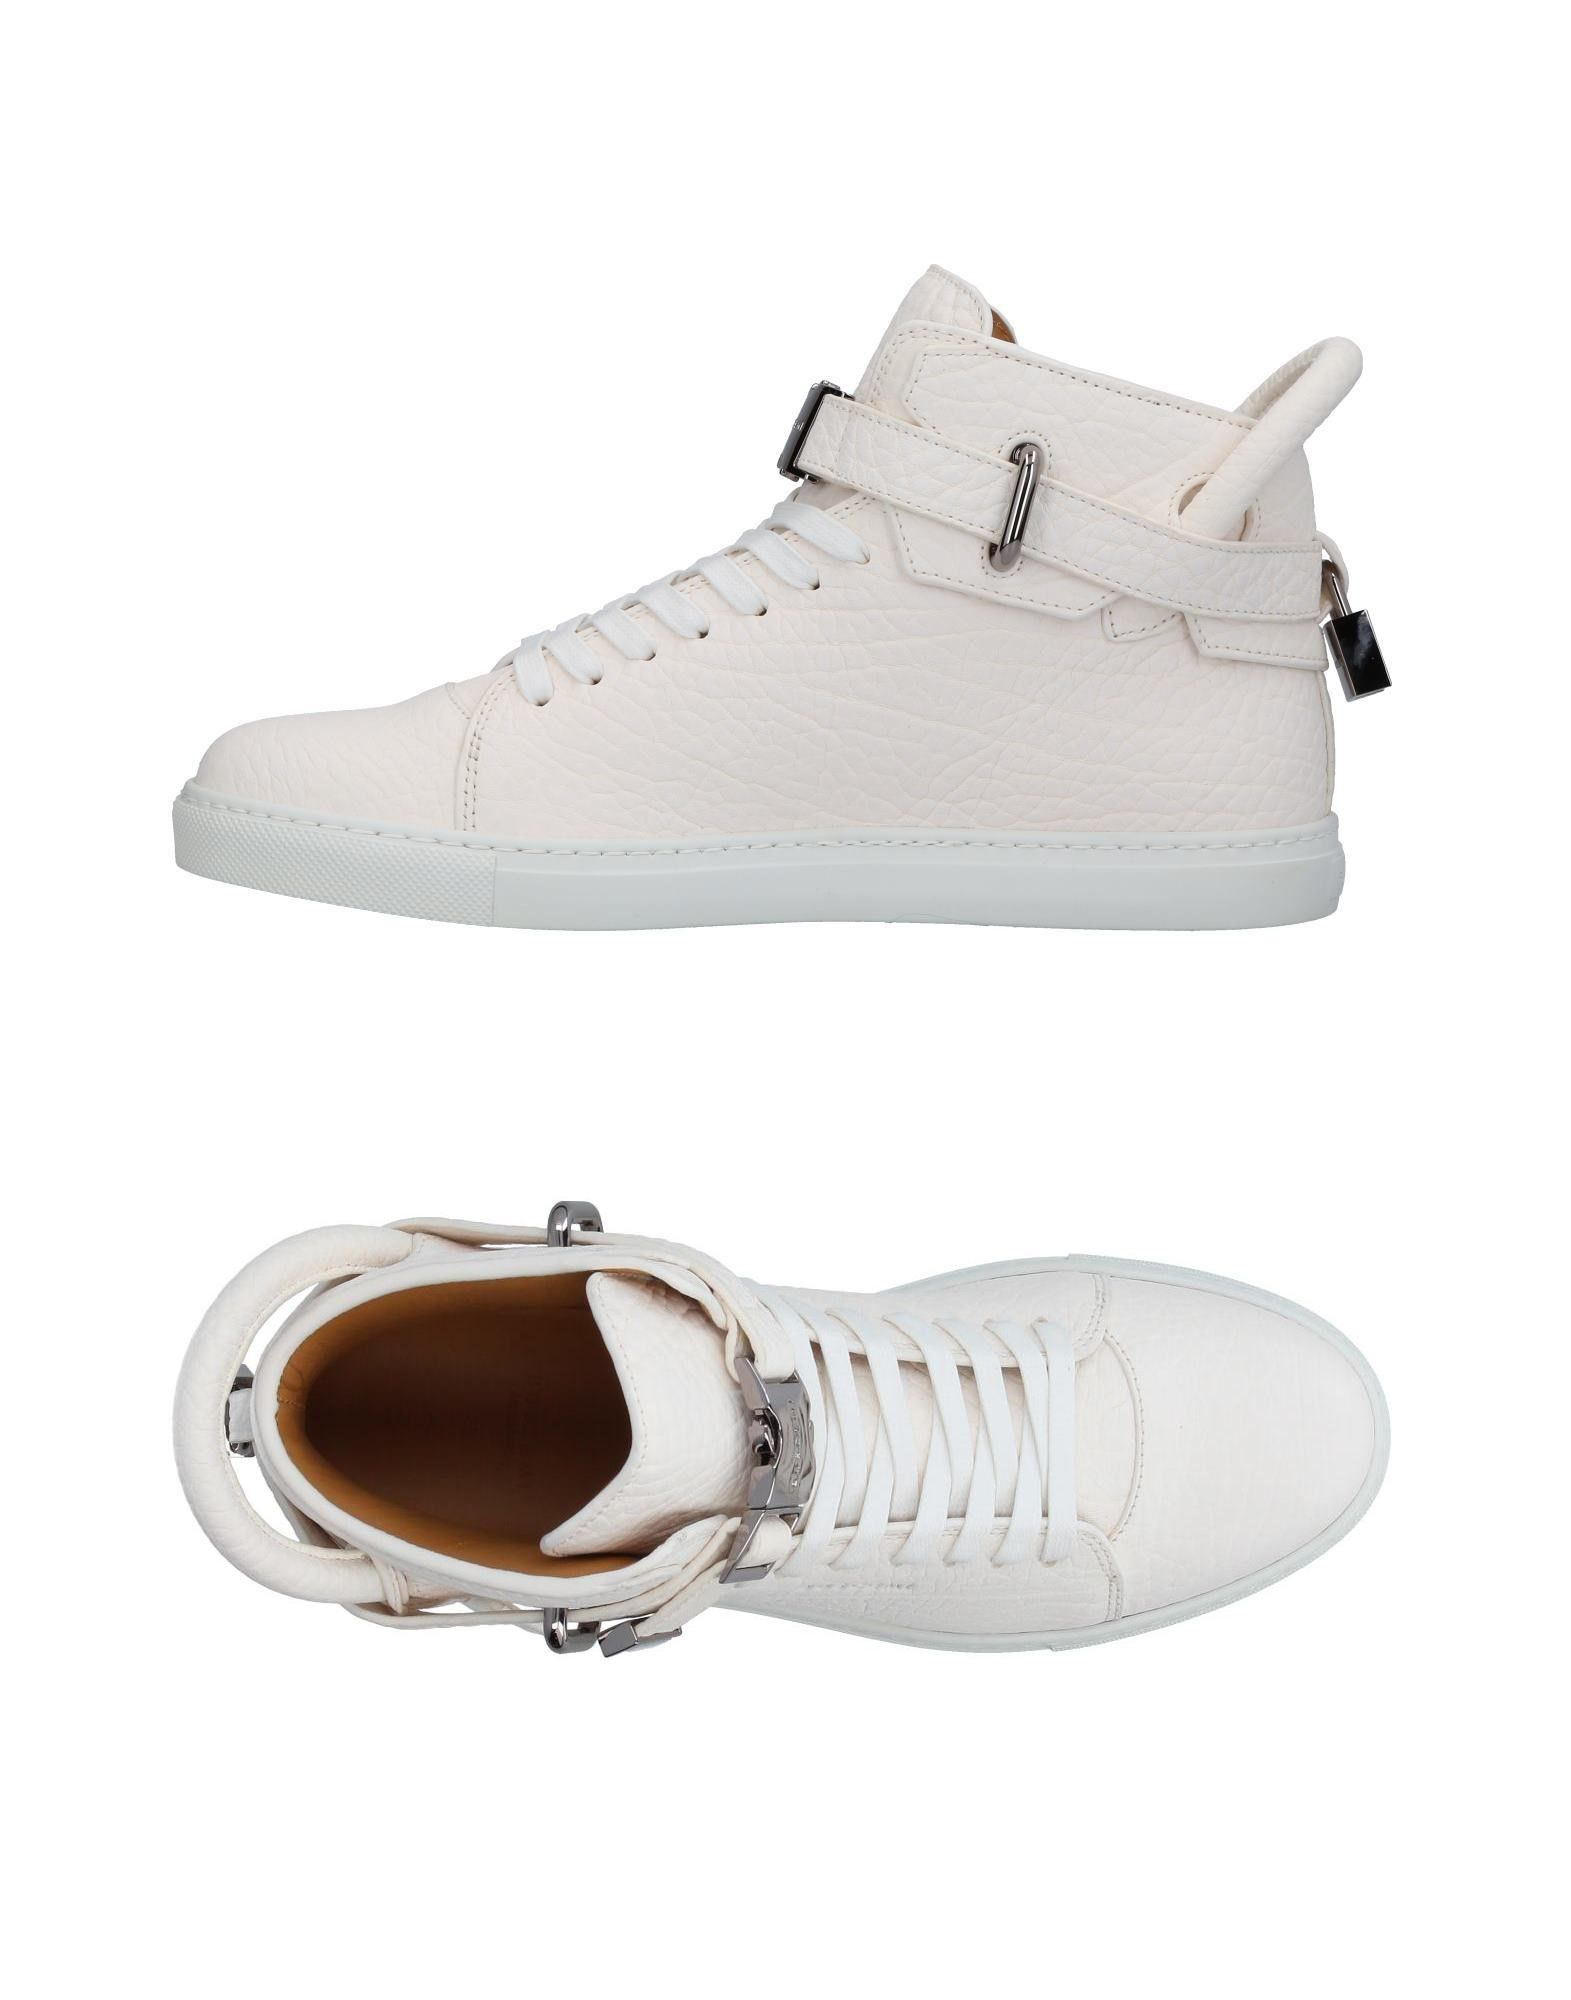 BUSCEMI Herren High Sneakers & Tennisschuhe Farbe Elfenbein Größe 9 jetztbilligerkaufen